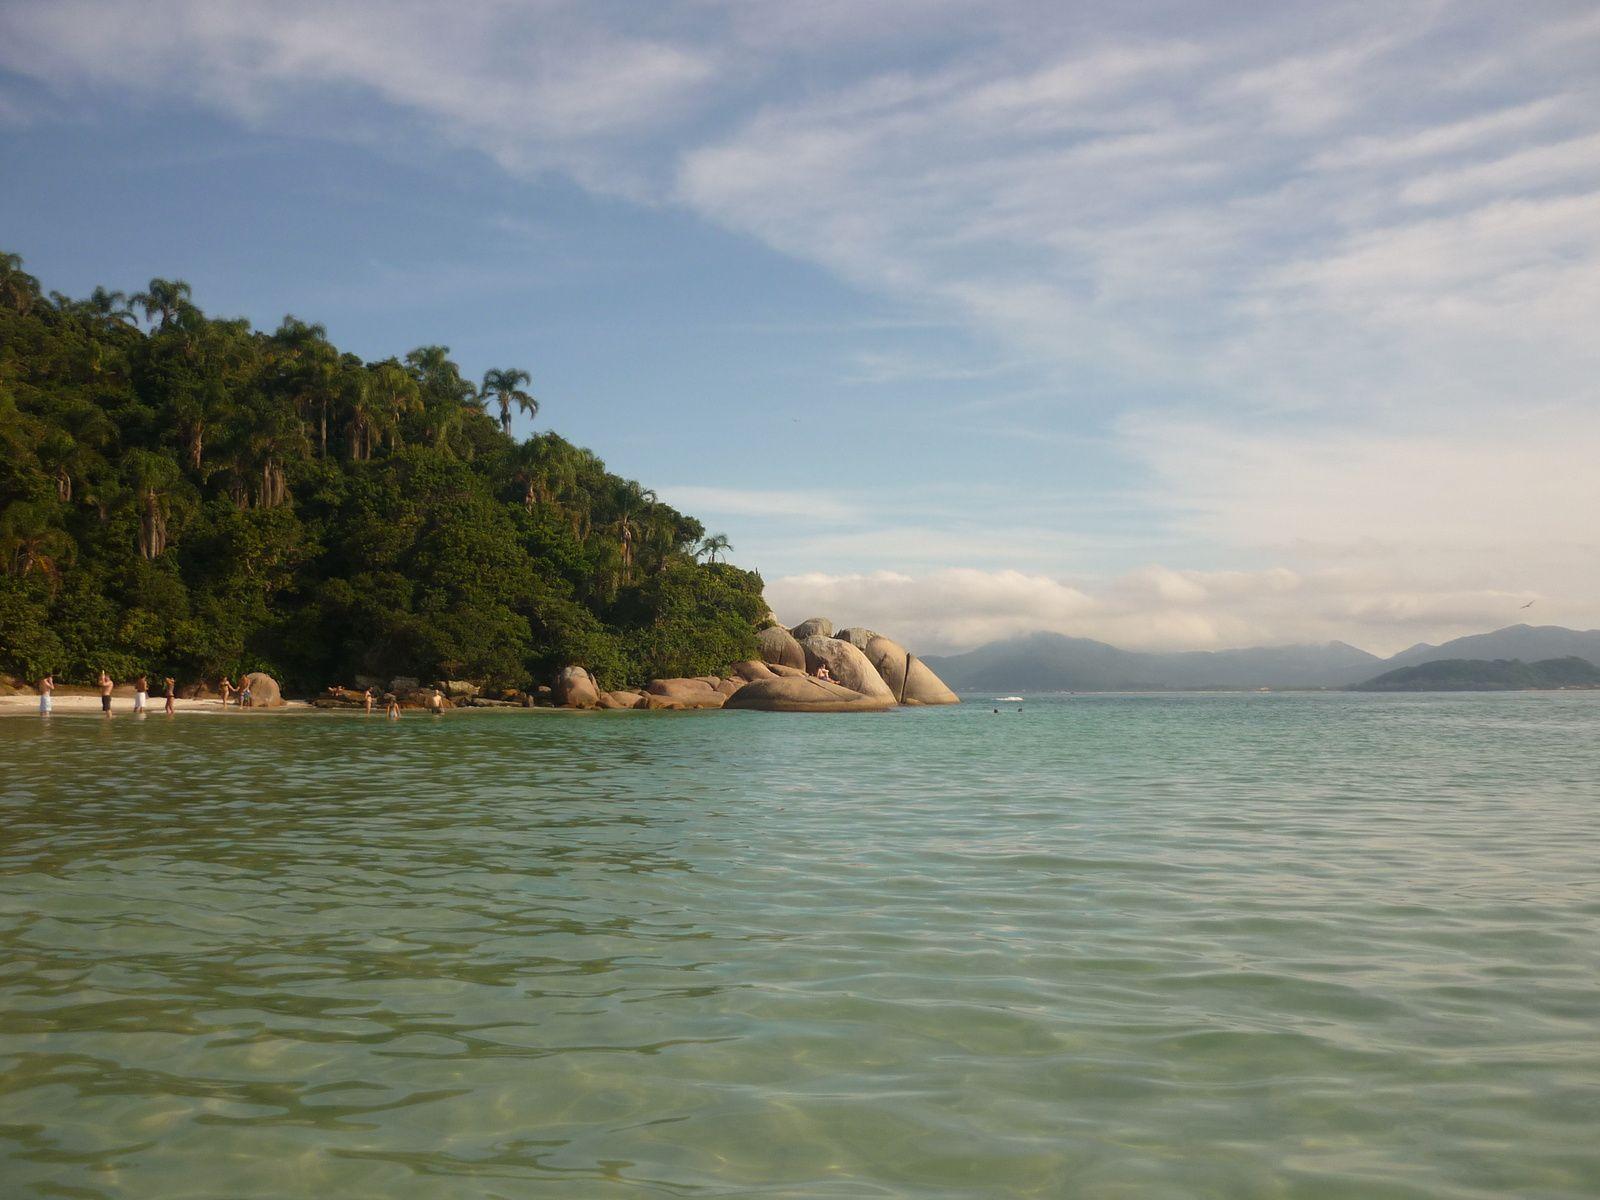 Ilha do Campeche, les Caraïbes du Brésil